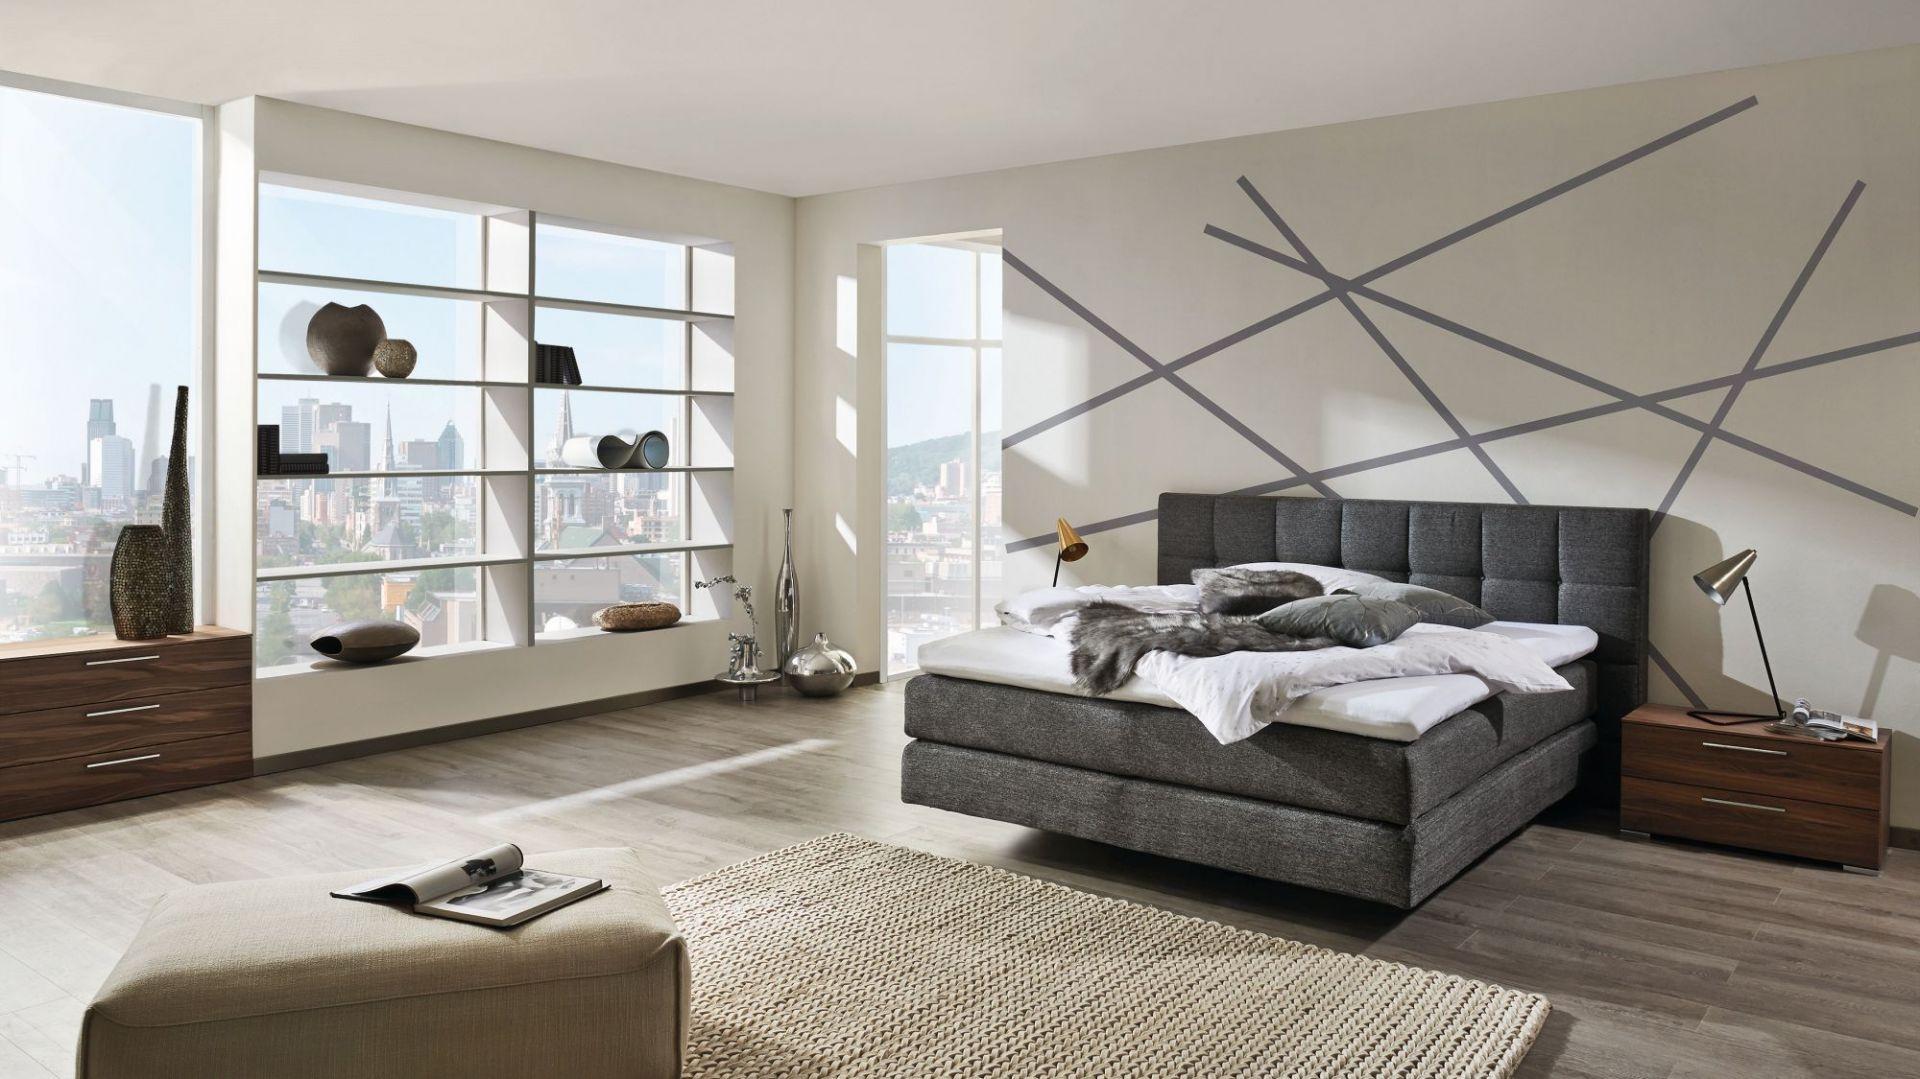 Łóżko My Suite wyróżnia się ciekawą formą. Wygląda jakby się unosiło w powietrzu. Fot. Huelsta